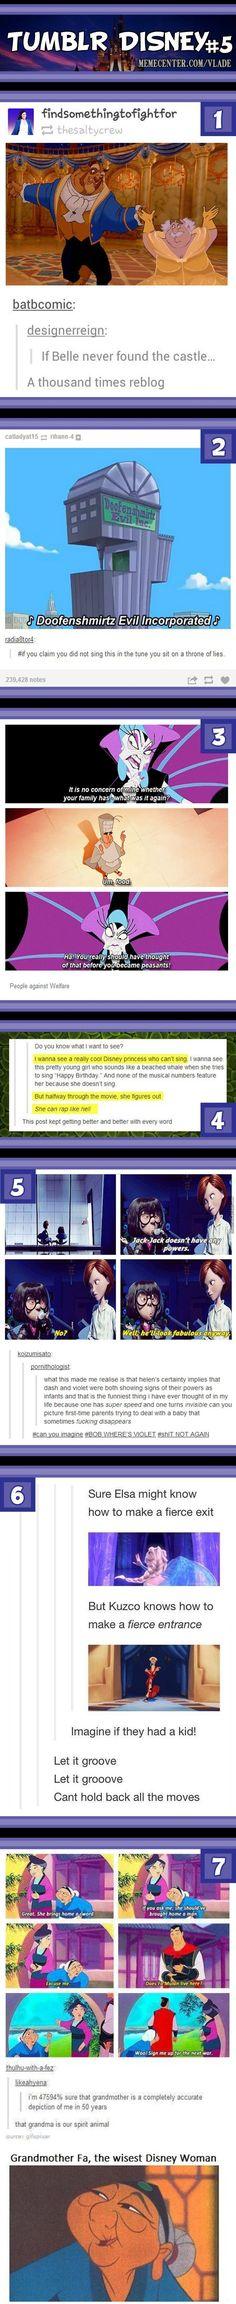 Tumblr Disney #5: